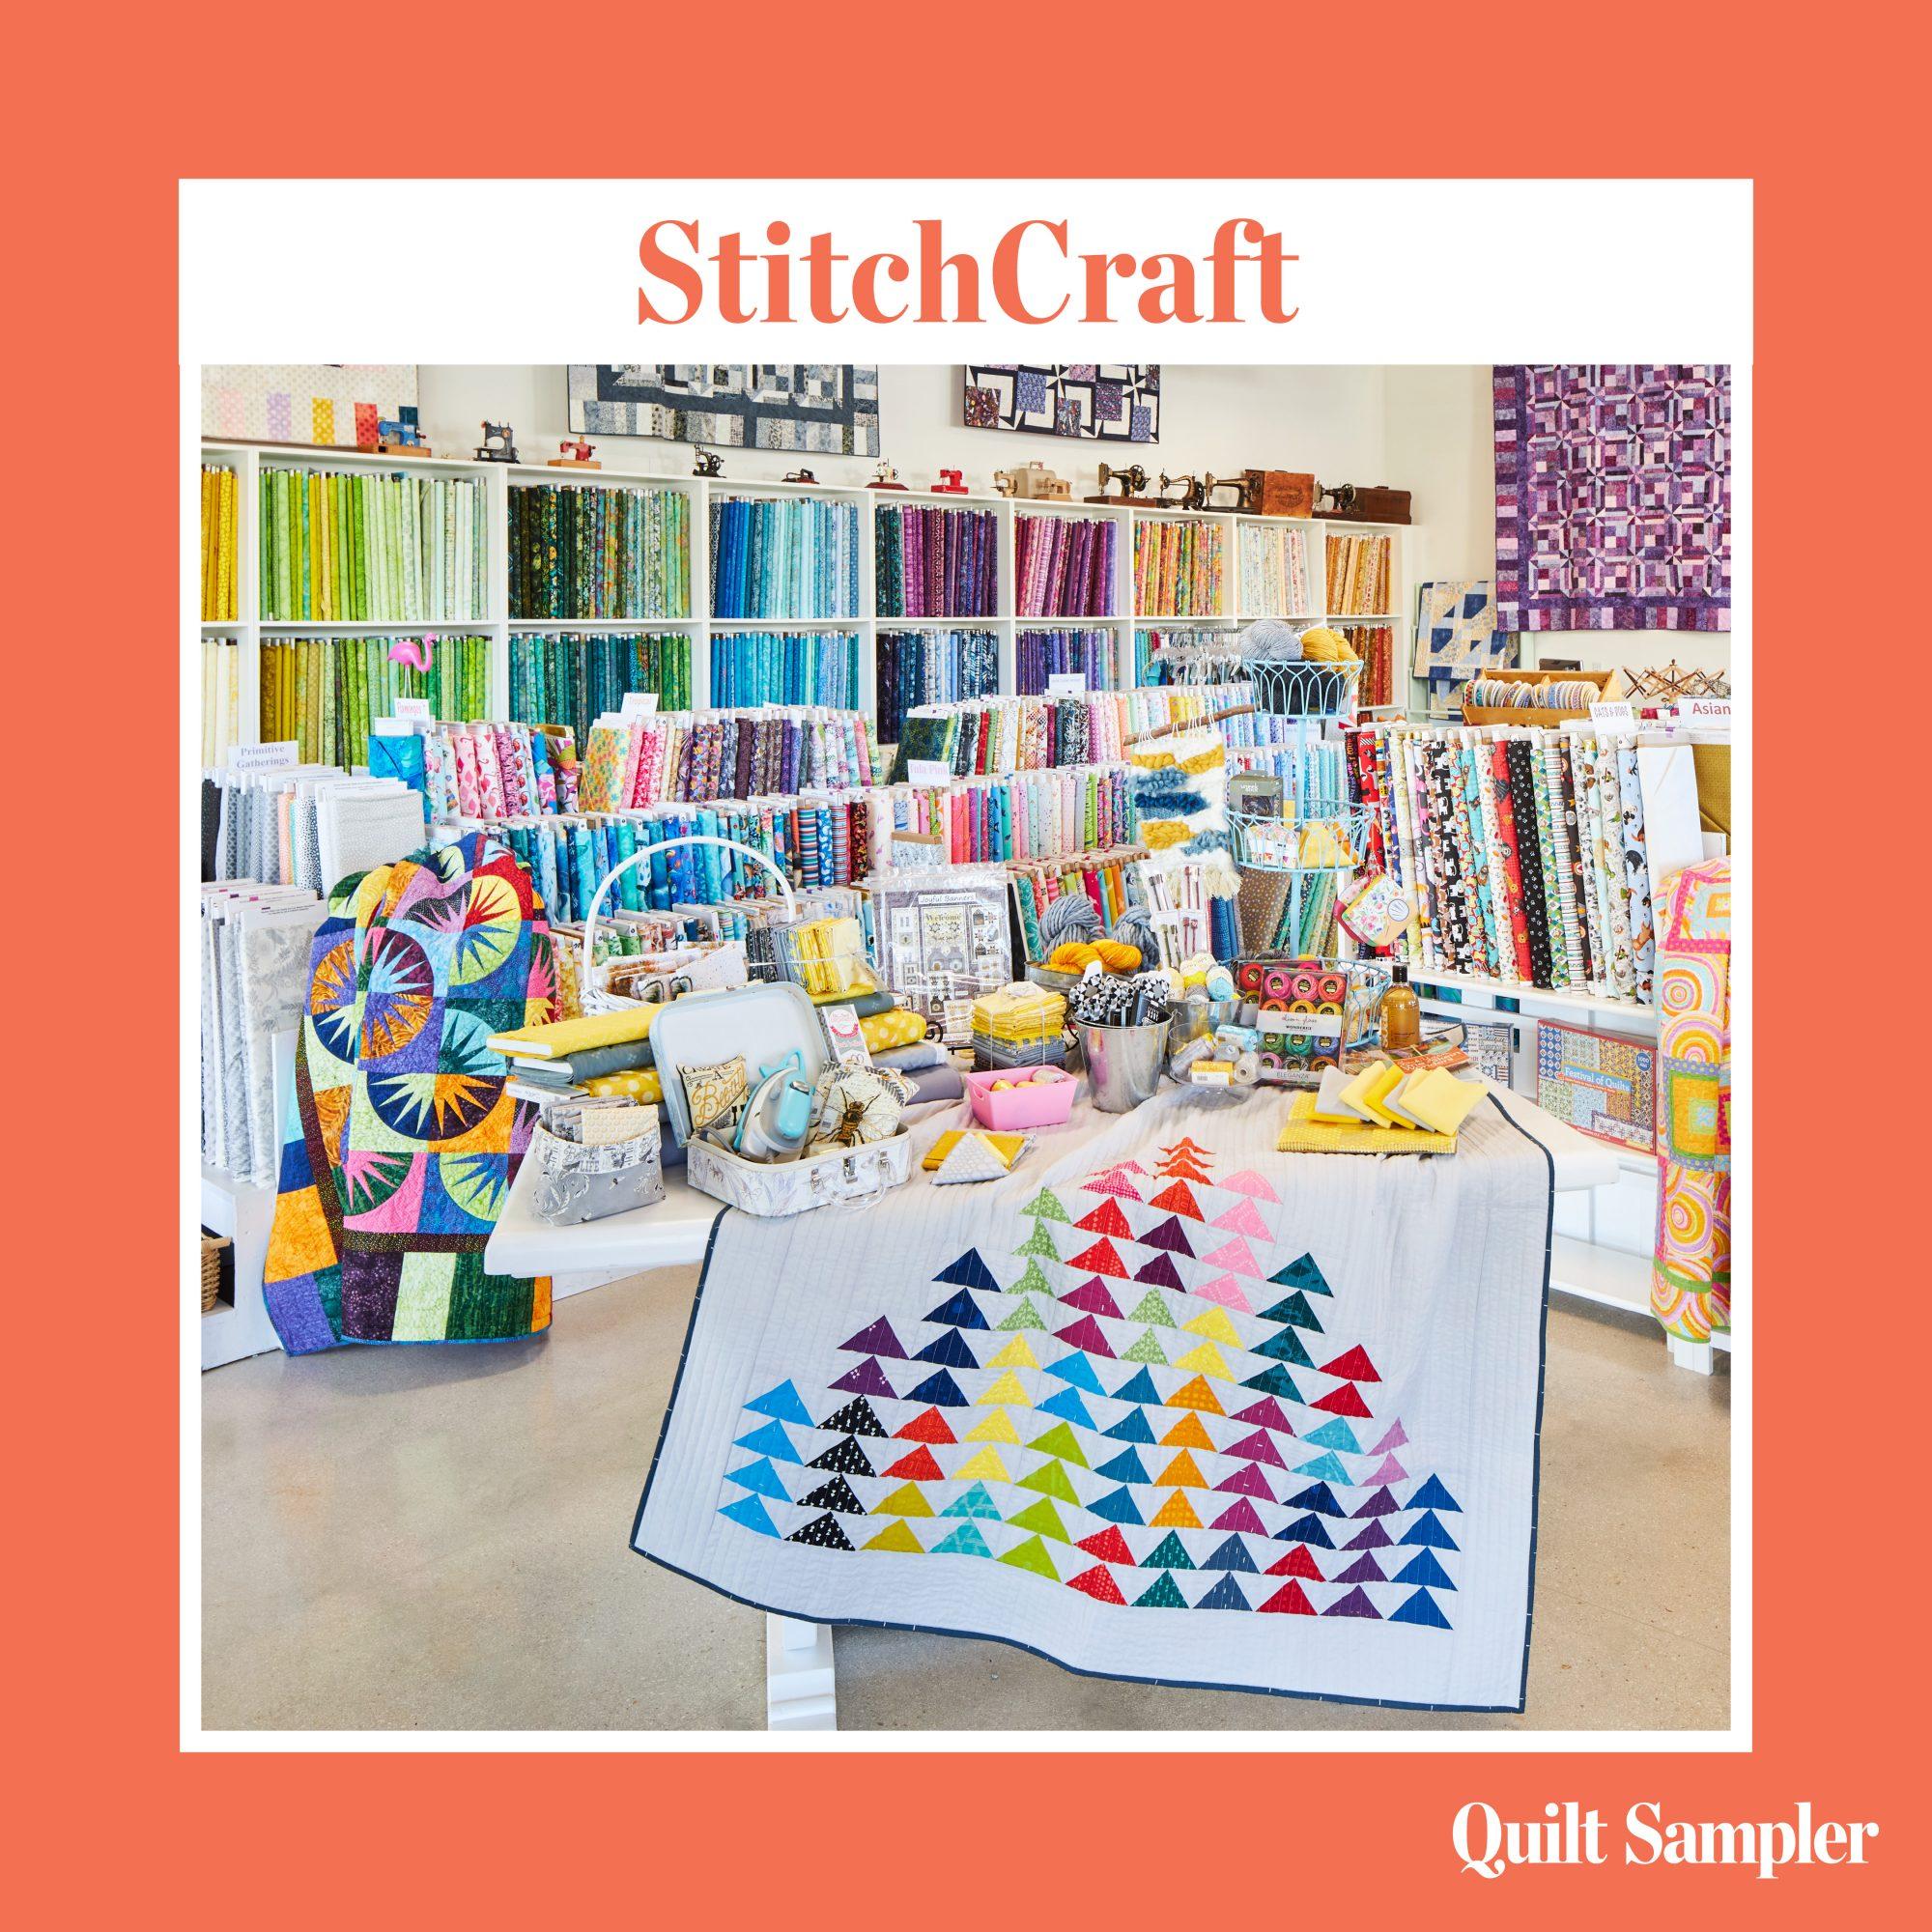 StitchCraft